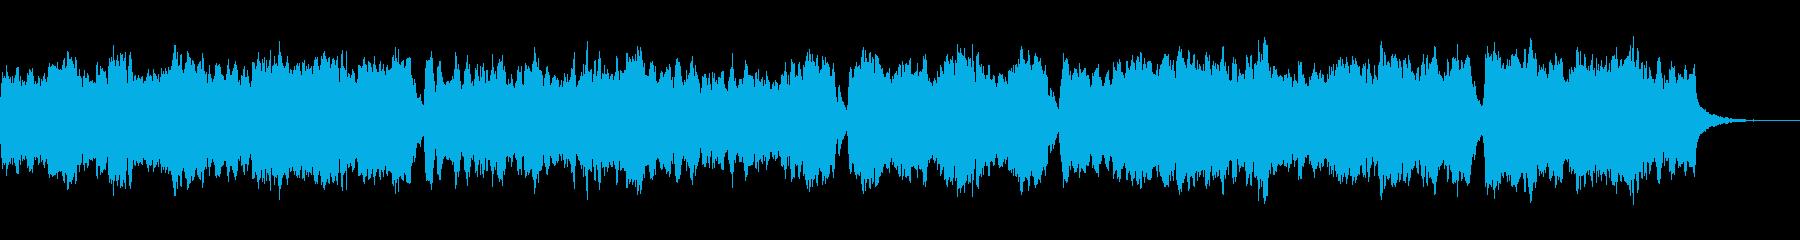 ハリウッド「疾走感・壮大」オーケストラgの再生済みの波形